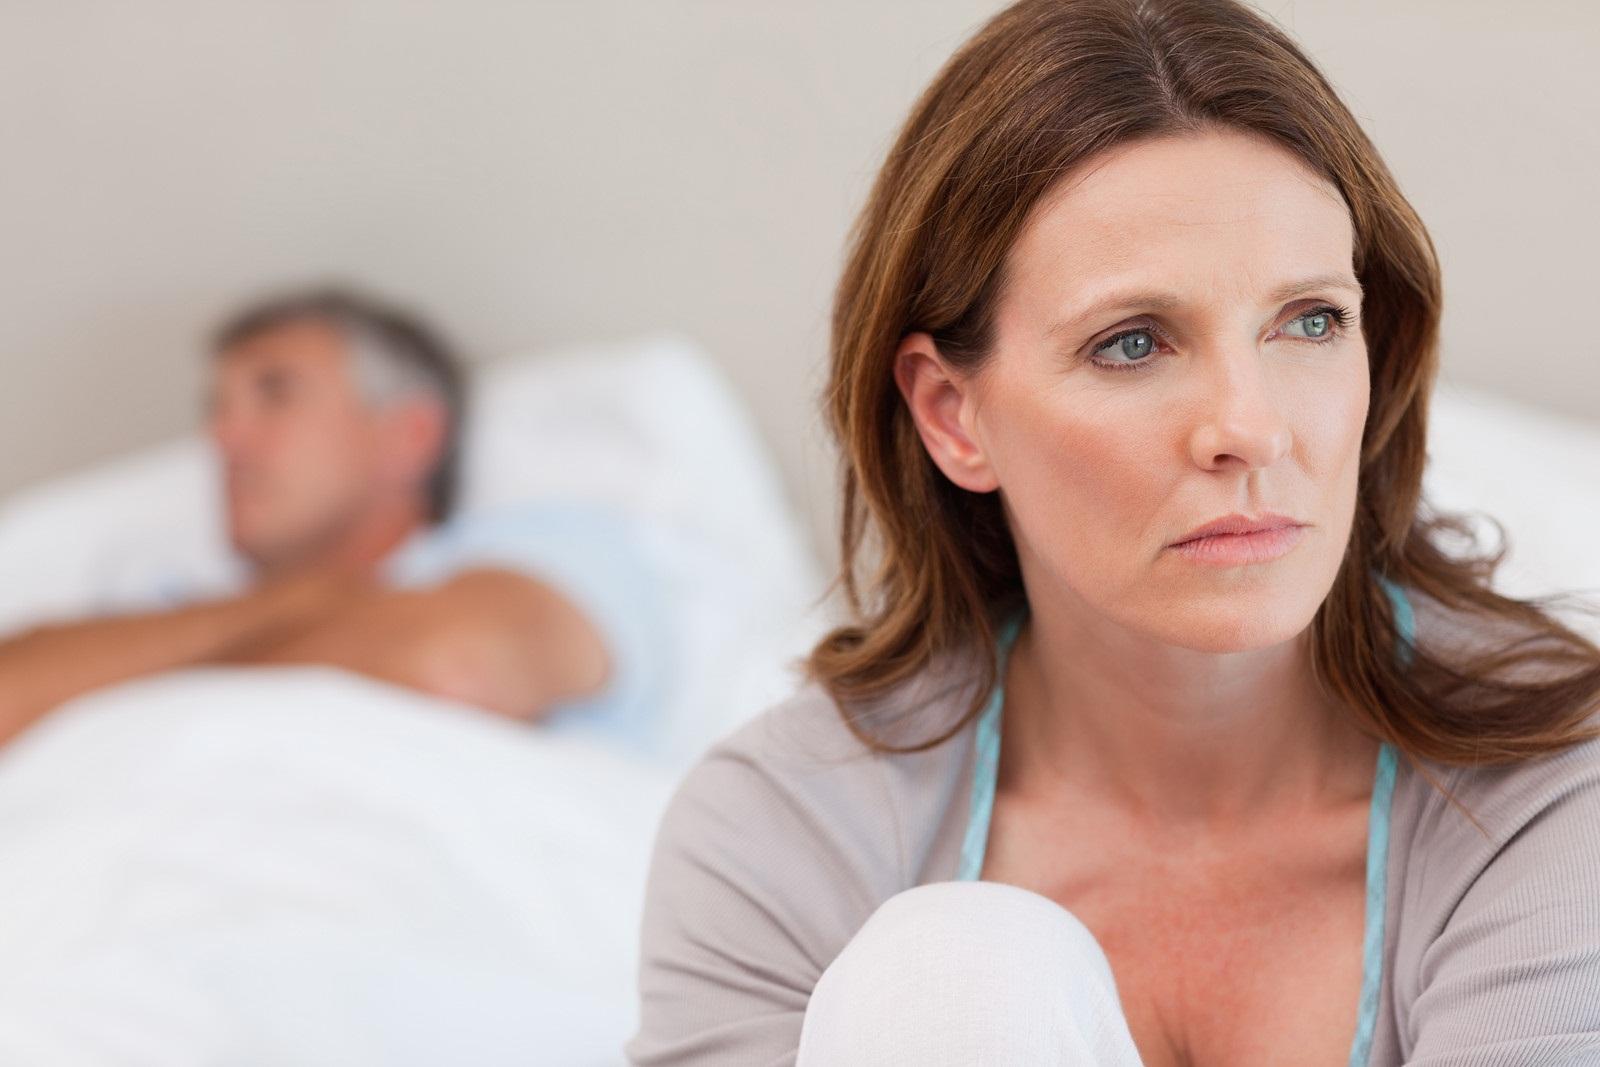 Ученые: Продолжительные отношения понижают половое влечение уженщин